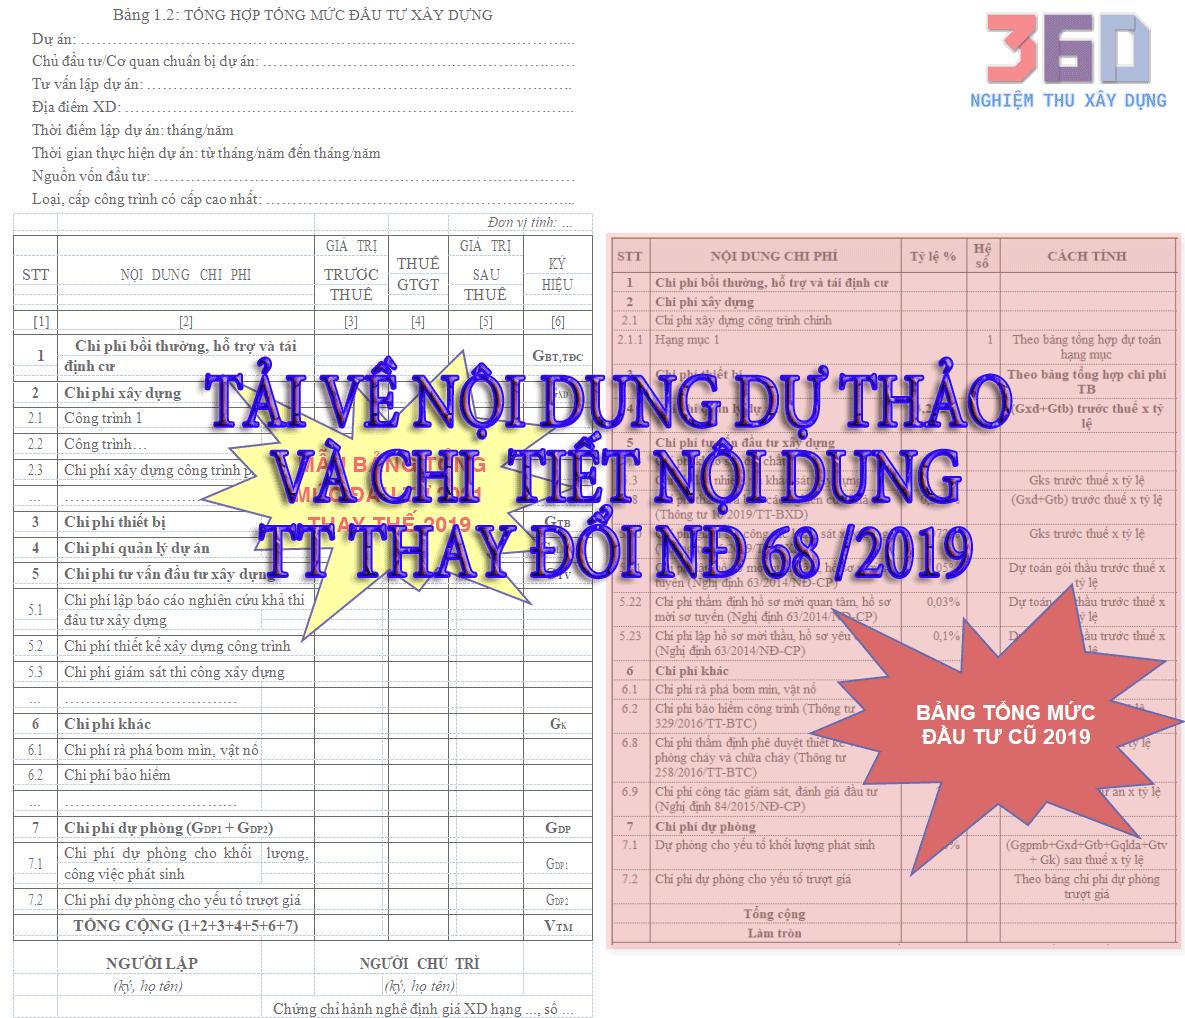 Chi tiết Thông Tư Nhân công, máy, tổng mức ... thay thế TT cũ của Nghị Định 68/2019/NĐ-CP [DỰTHẢO]